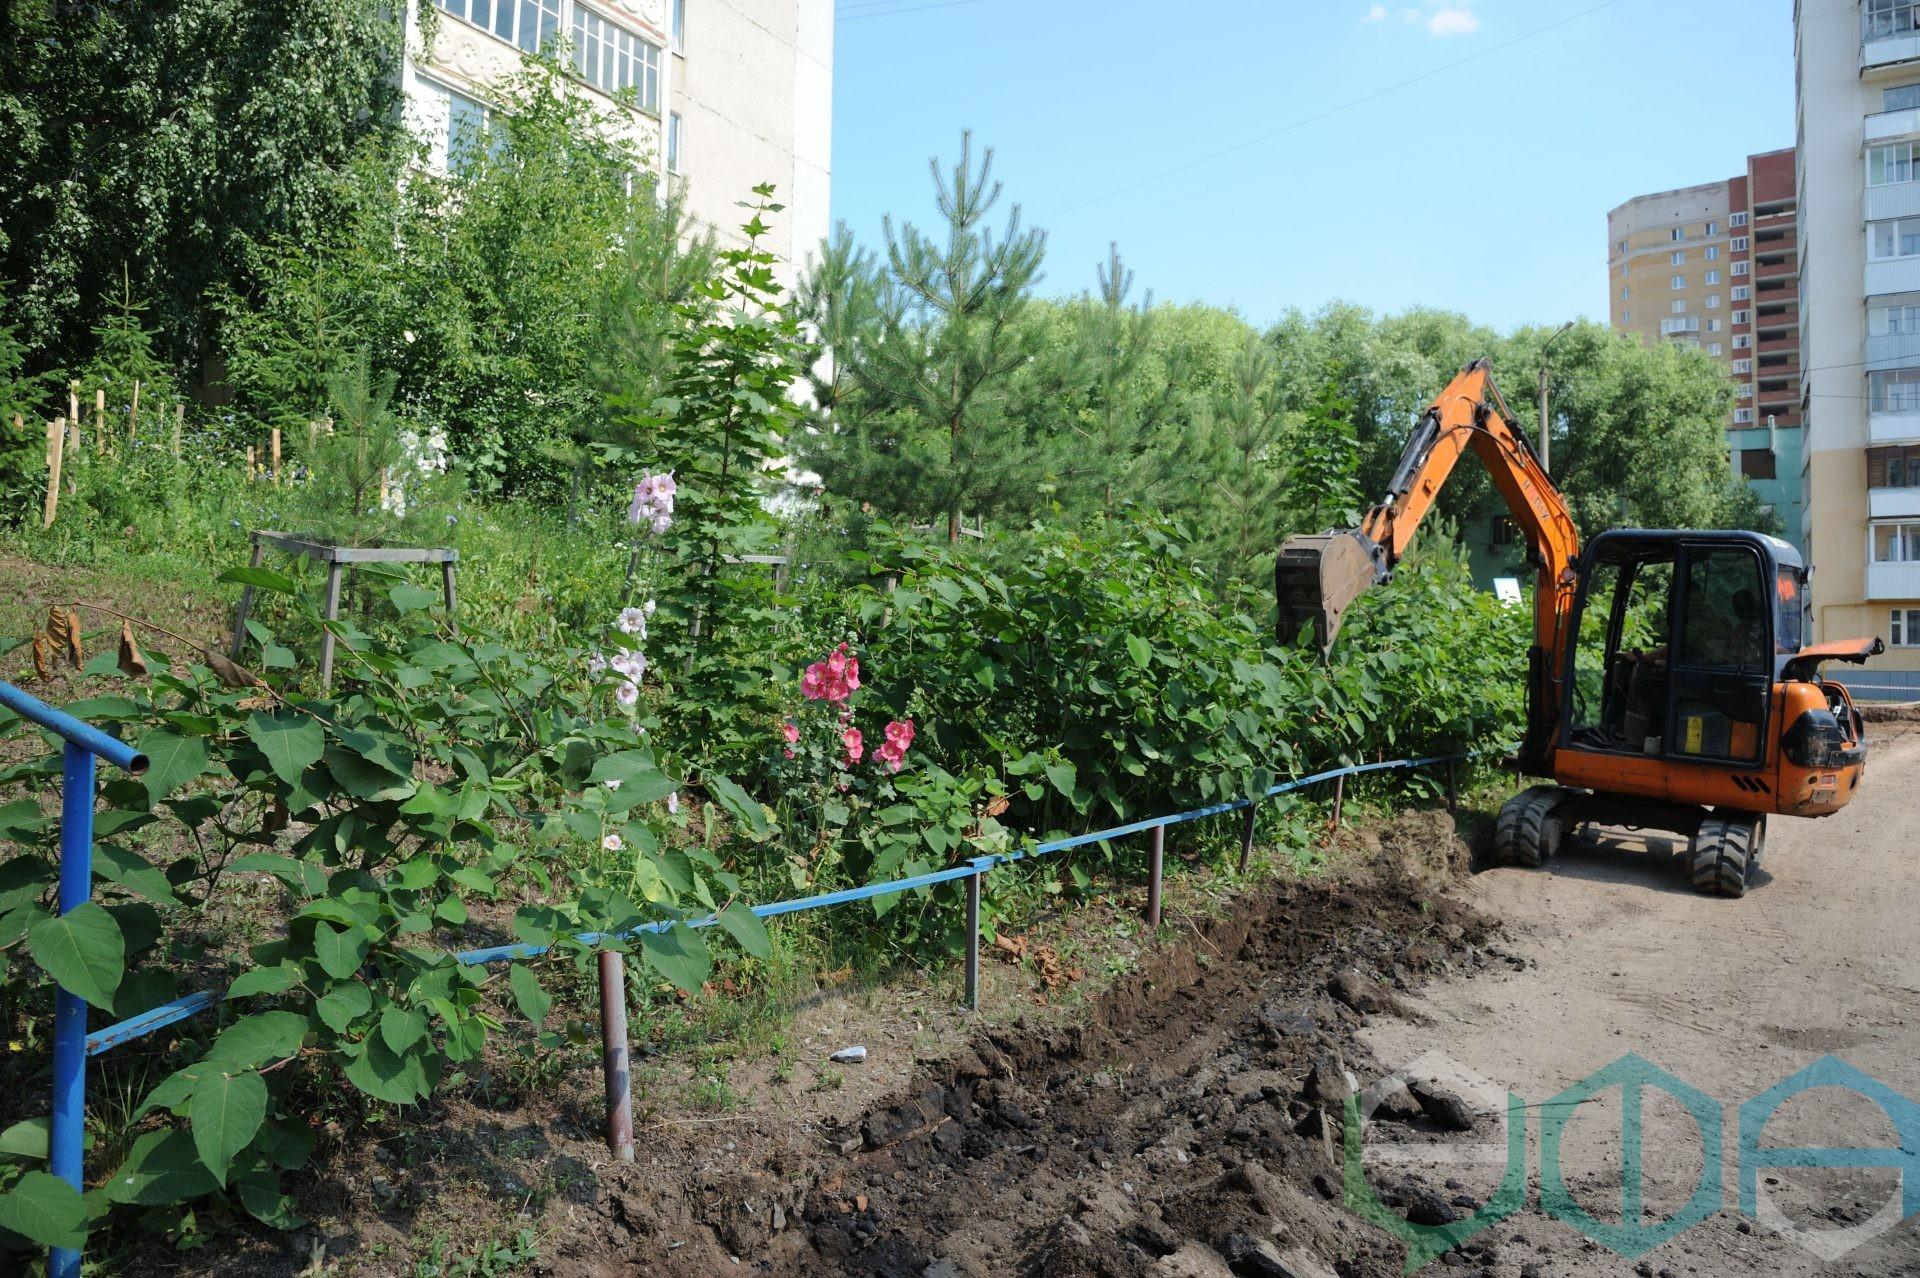 Салават Хусаинов проинспектировал ход ремонта дворов и благоустройства парка «Южного»